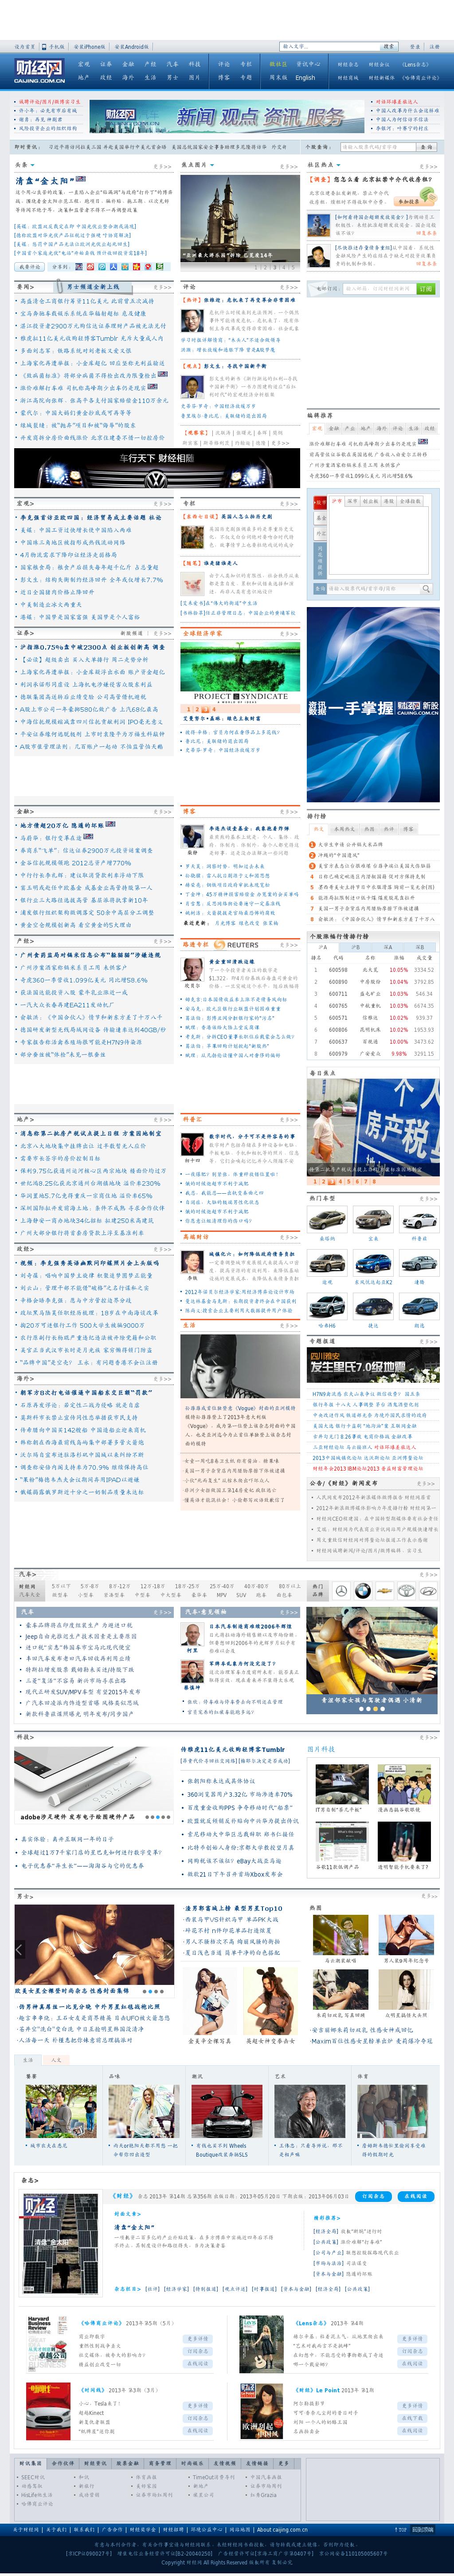 Caijing at Tuesday May 21, 2013, 12:03 a.m. UTC